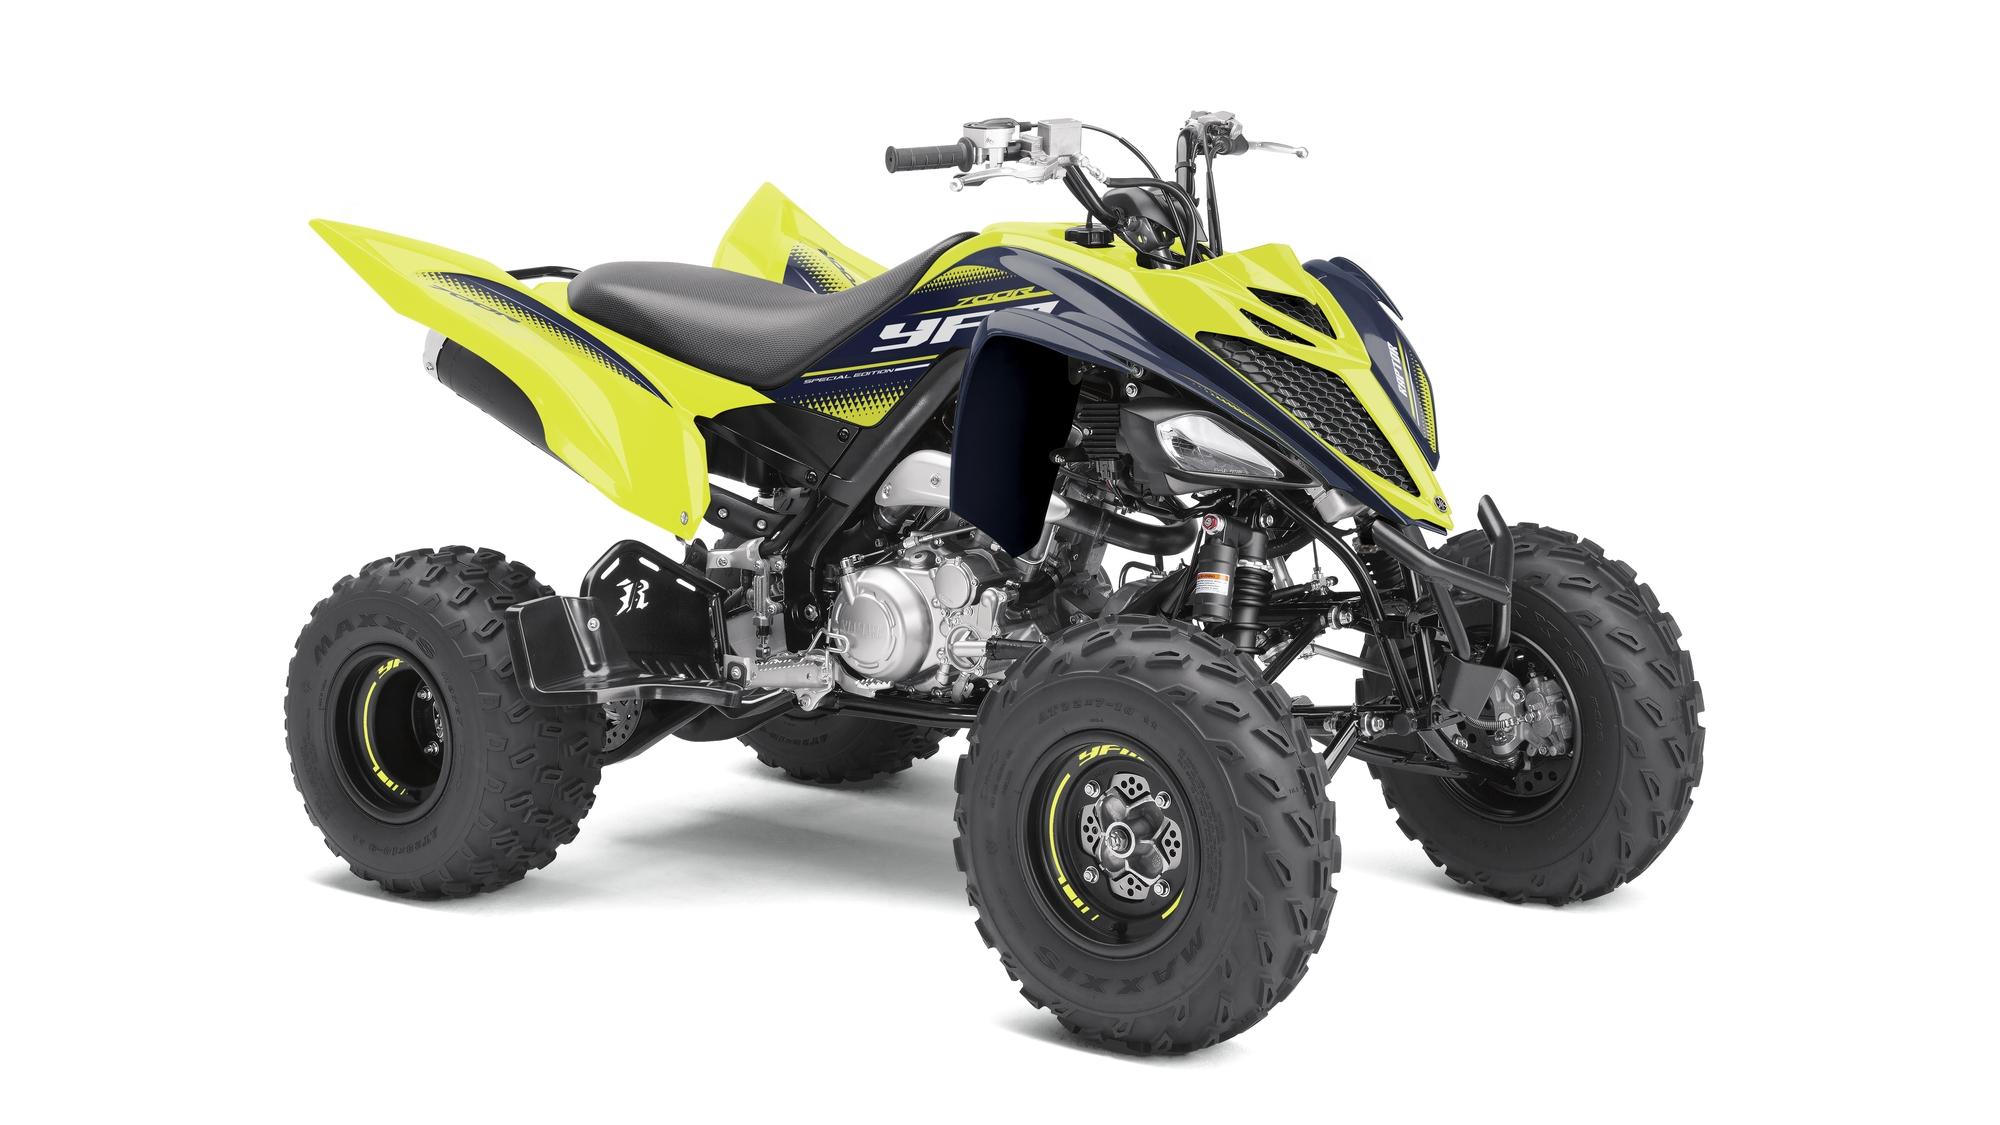 Yamaha YFM700 R SE